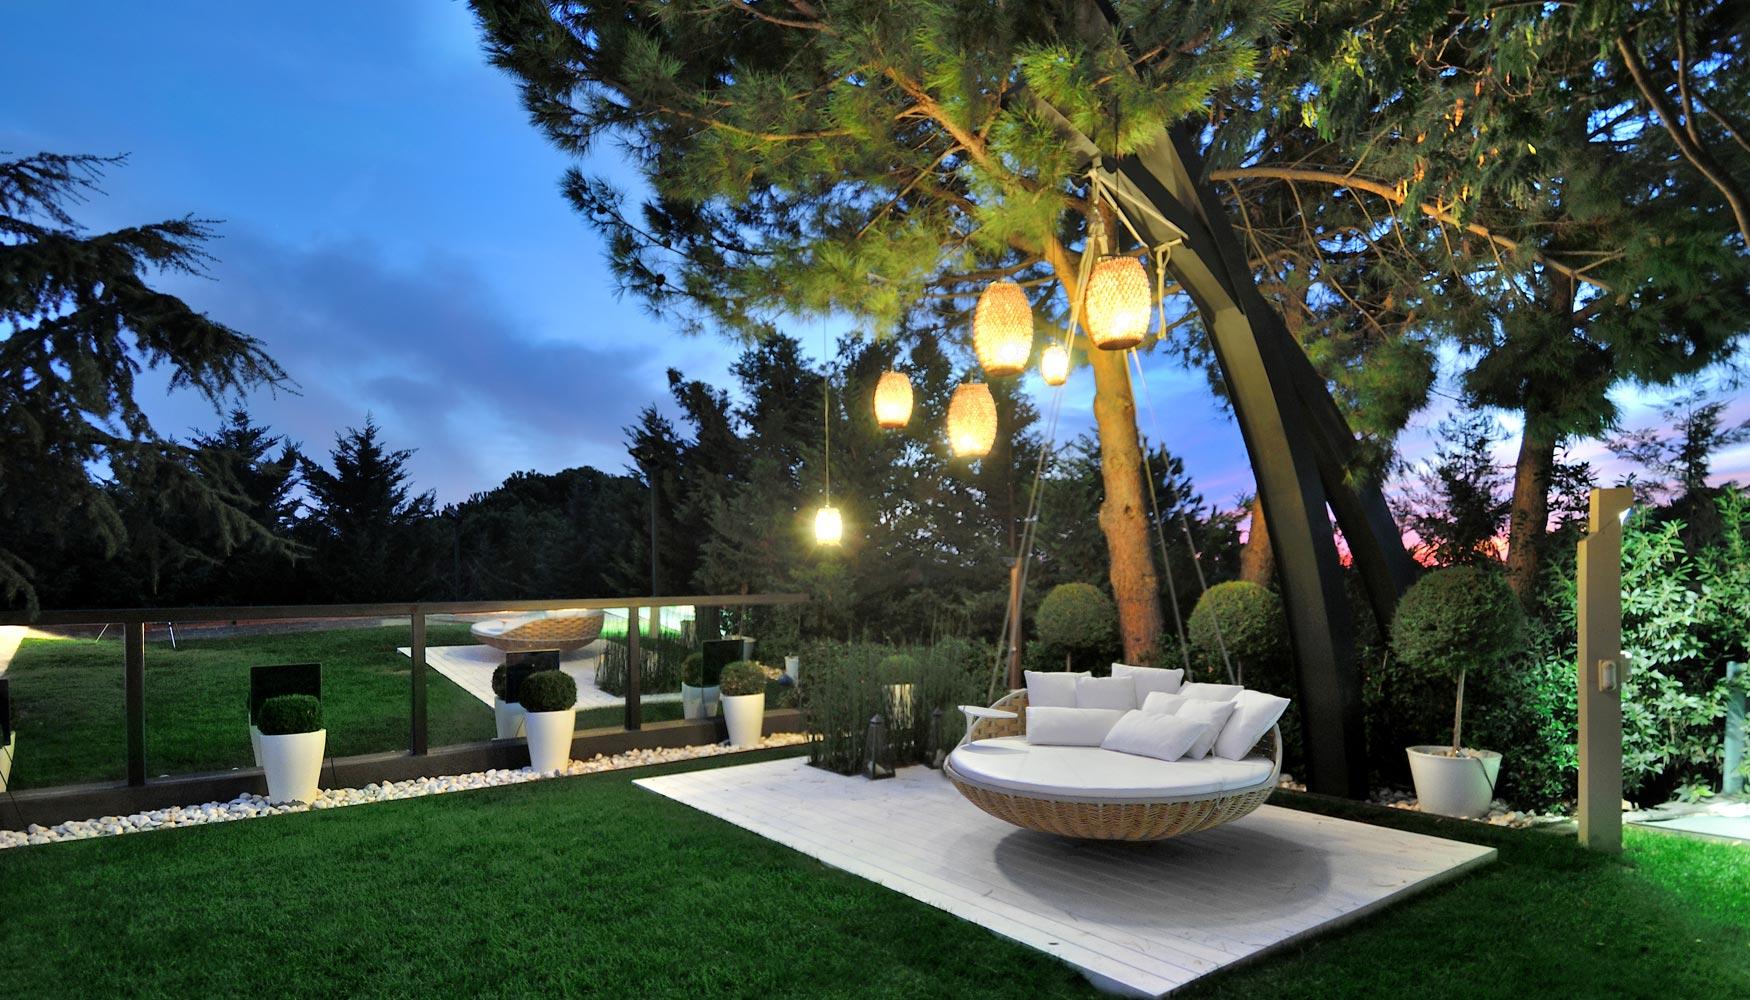 Los jardines se rinden ante la iluminaci n colgante for El jardin de la maquina pozuelo